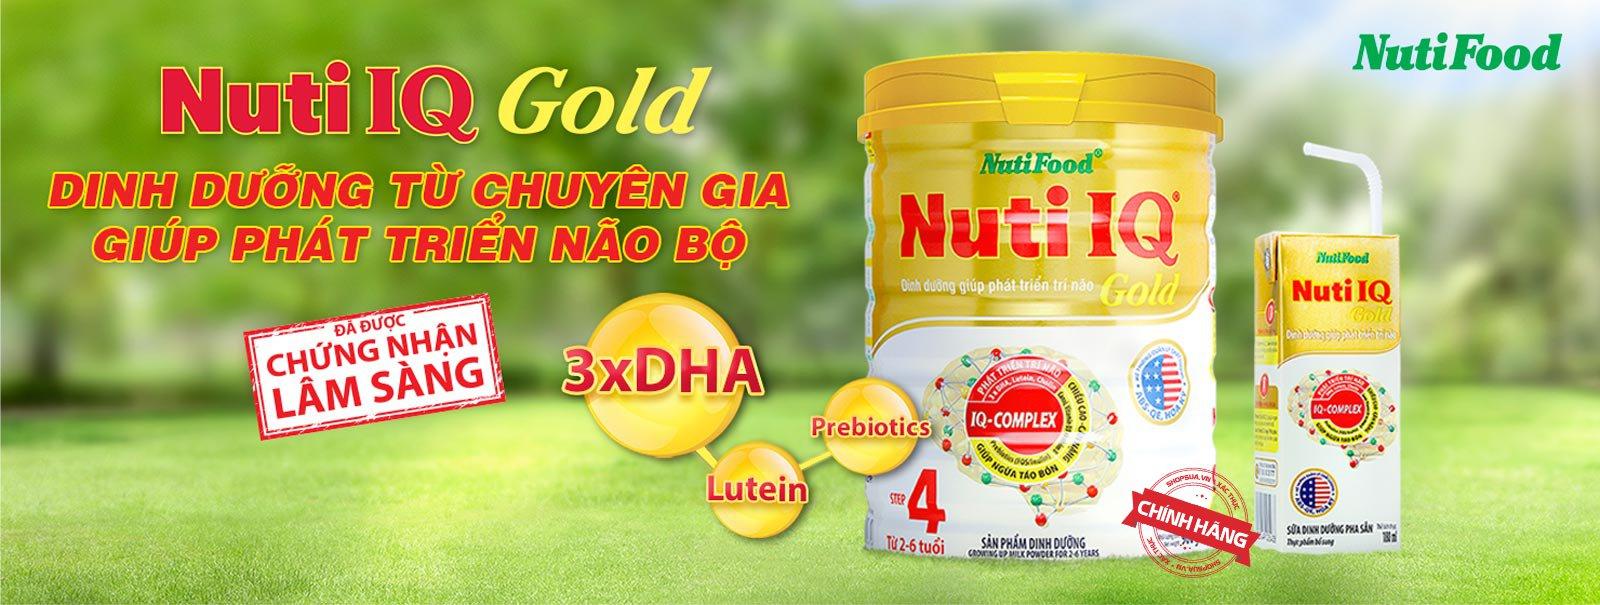 Sữa Nuti IQ Gold 1, 2, 3 & 4 chính hãng cho trẻ từ 0 - 6 tuổi | Shopsua.vn